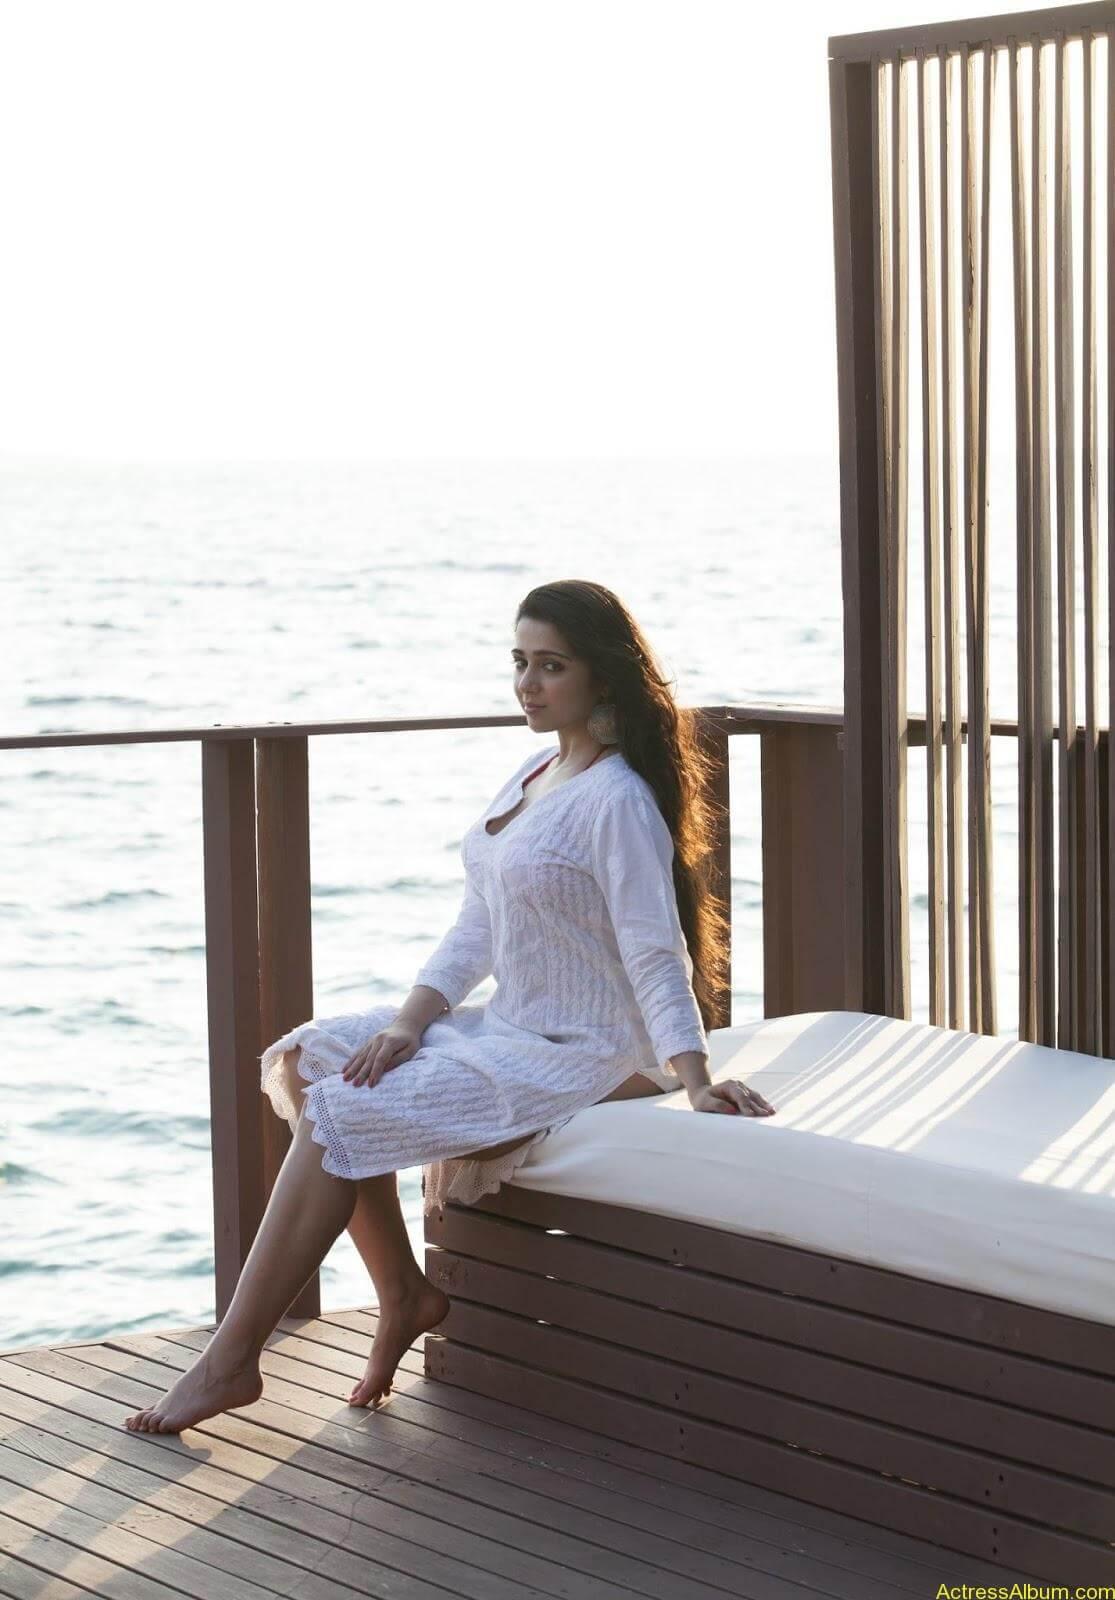 Charmi-kaur-latest-photoshoot-in-beach-2